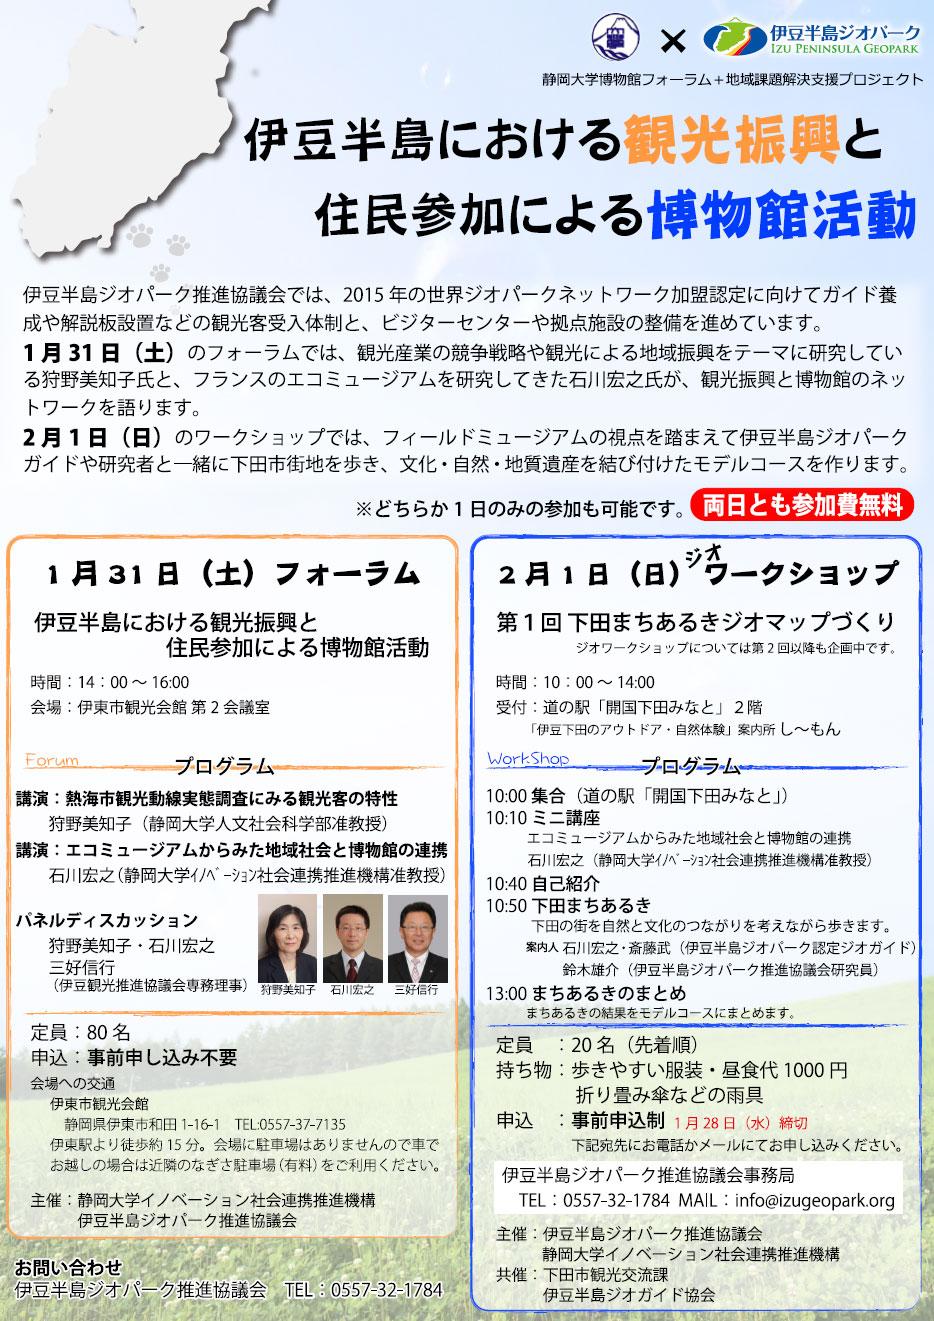 フォーラム&ワークショップ 伊豆半島における観光振興と住民参加による博物館活動